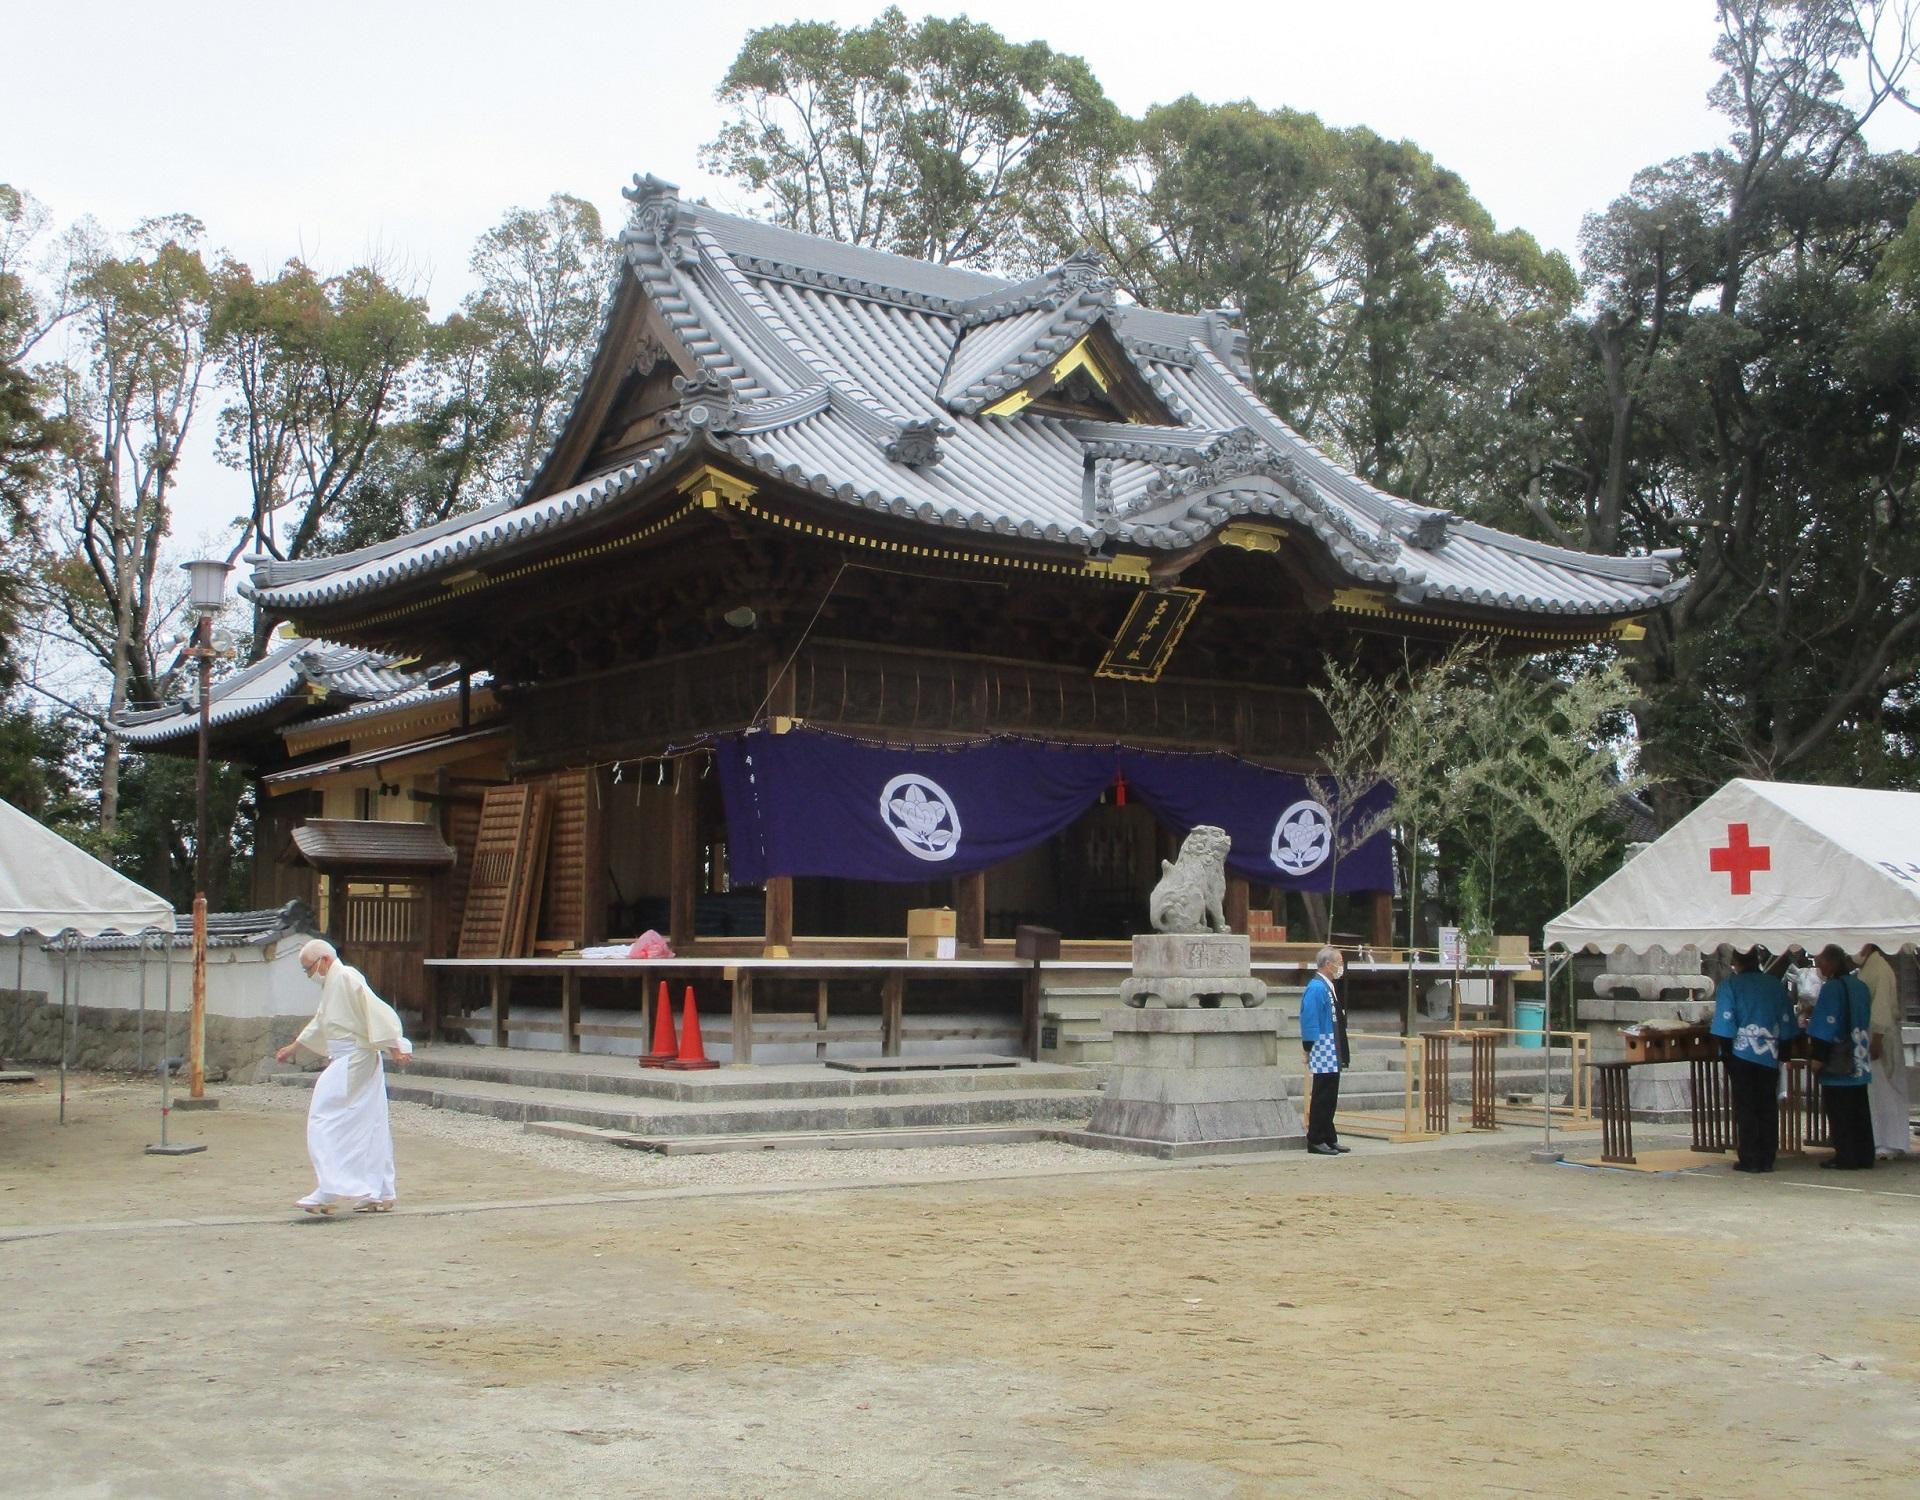 2020.3.28 (4) 古井神社 - 社殿外観 1920-1500